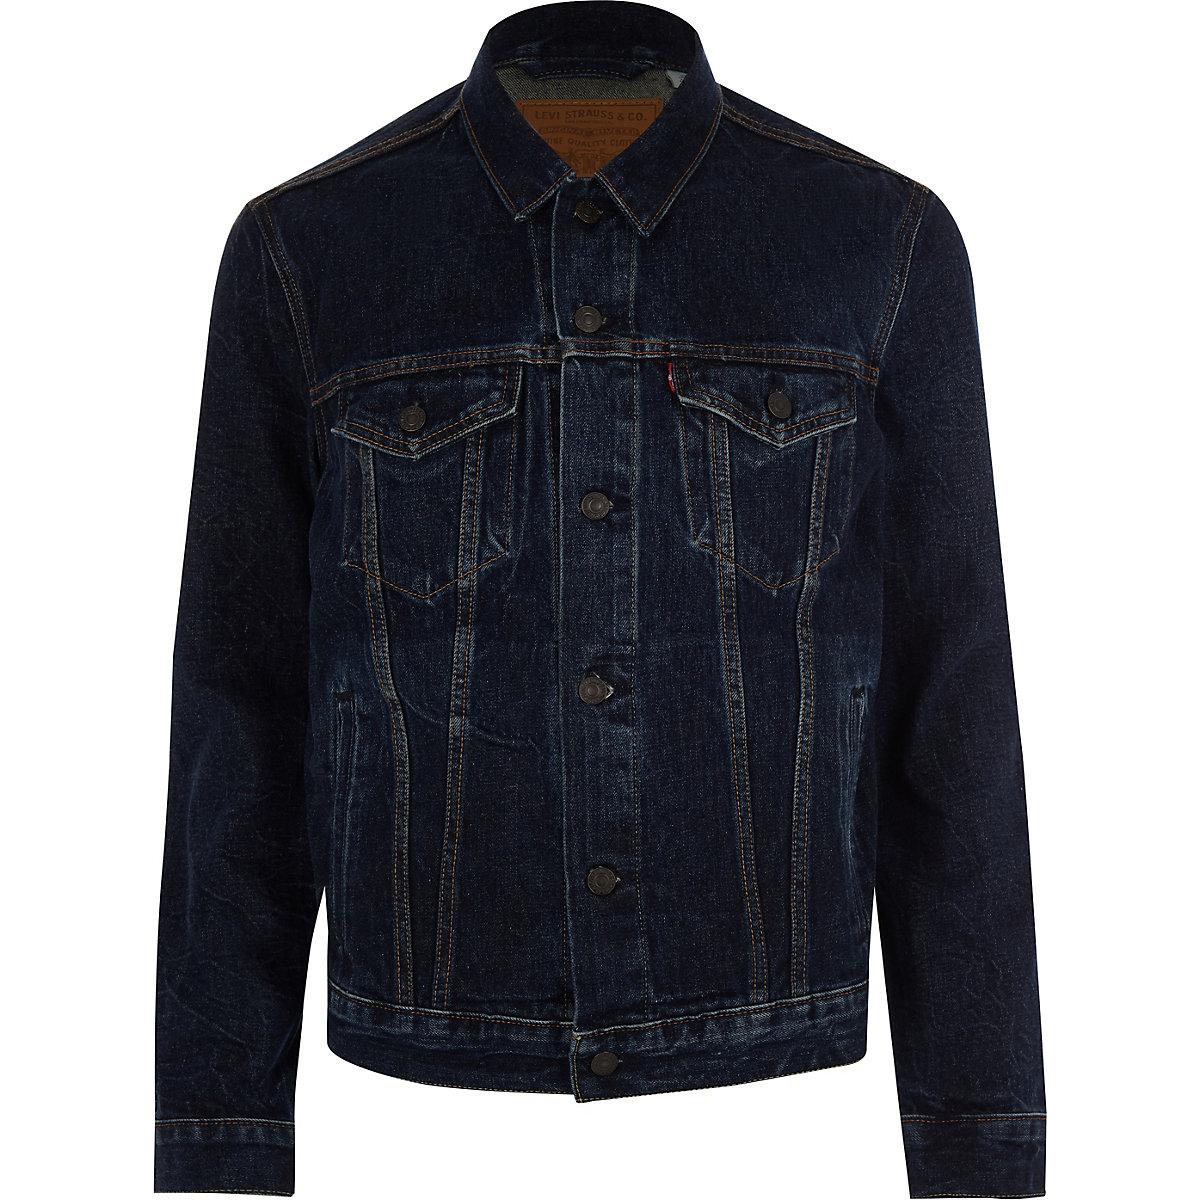 Levi's dark blue denim trucker jacket